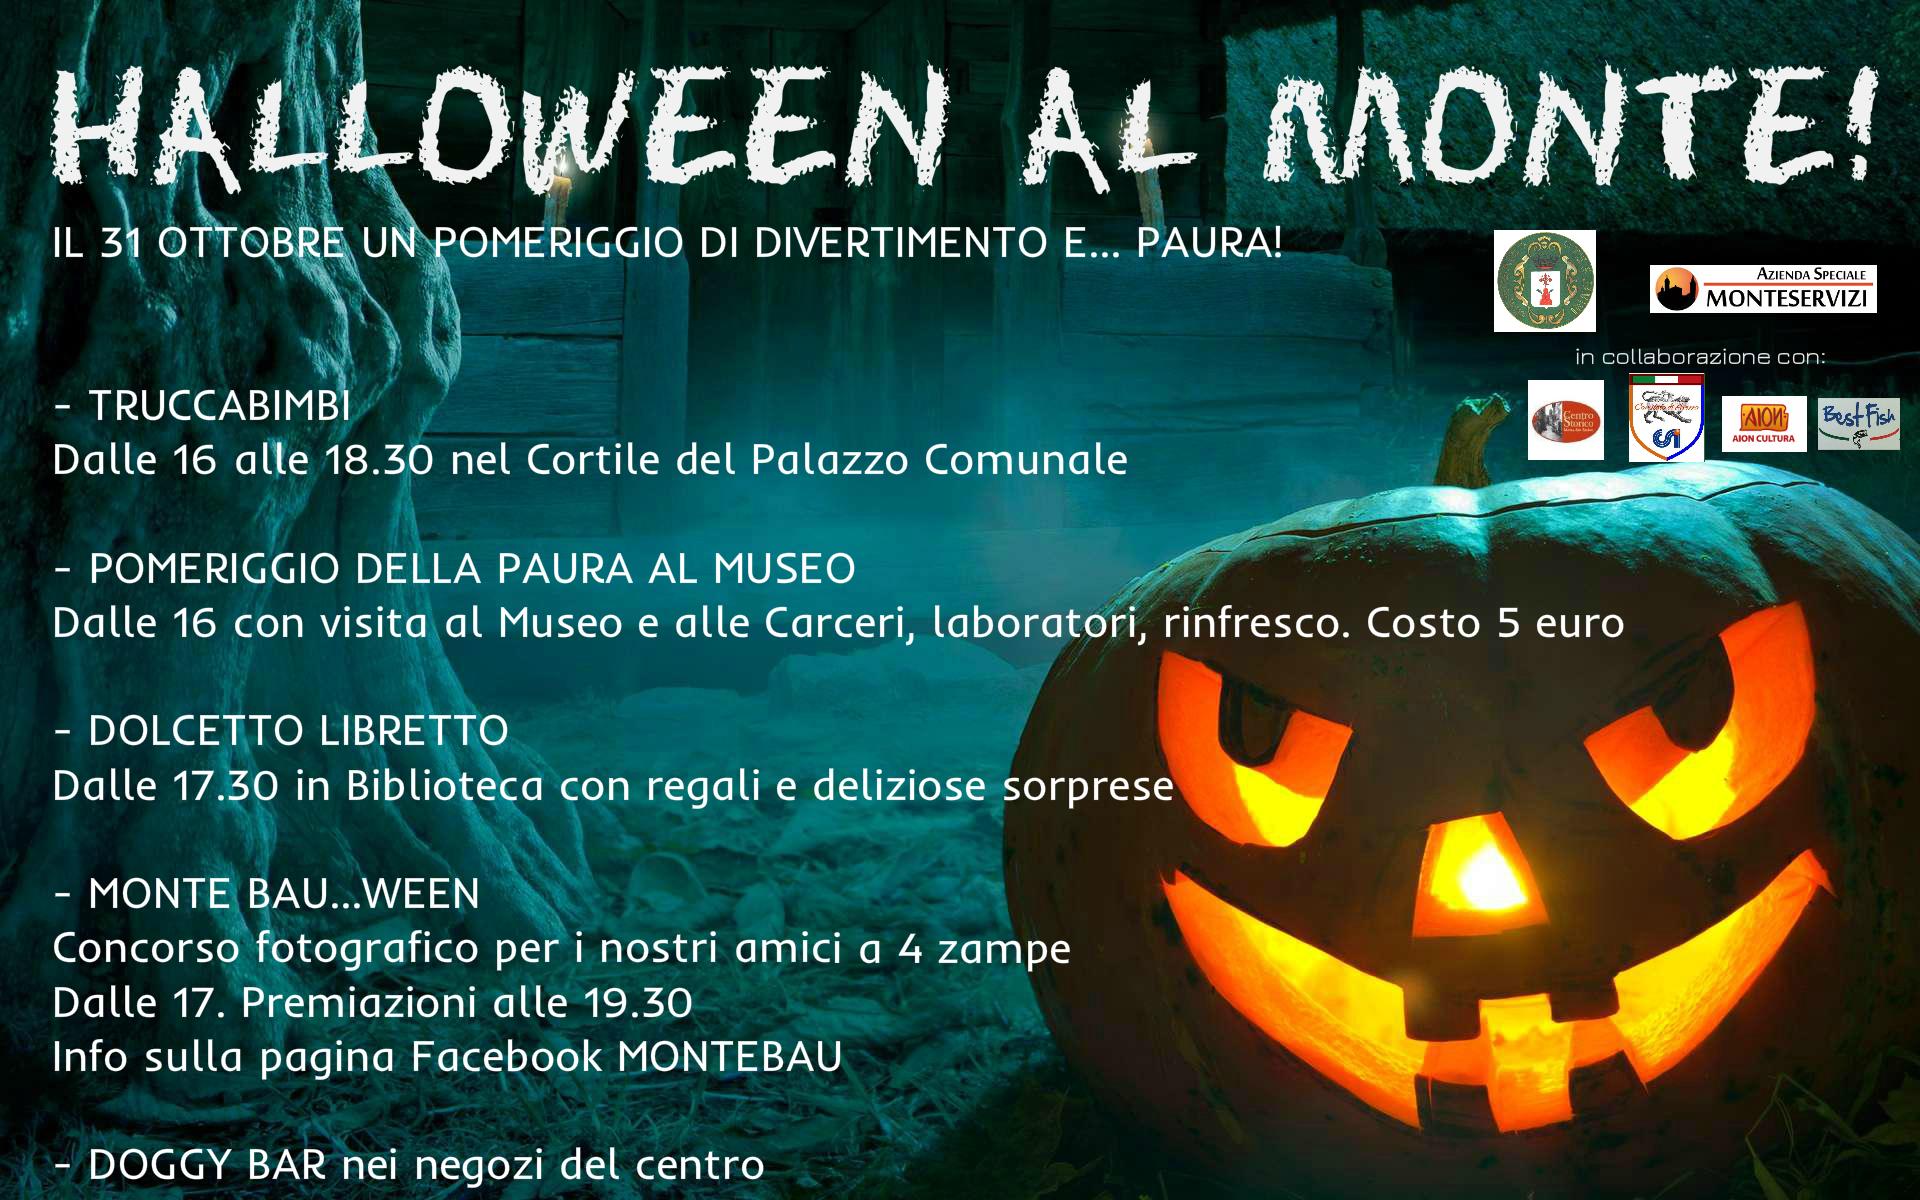 Halloween al Monte, un pomeriggio di divertimenti